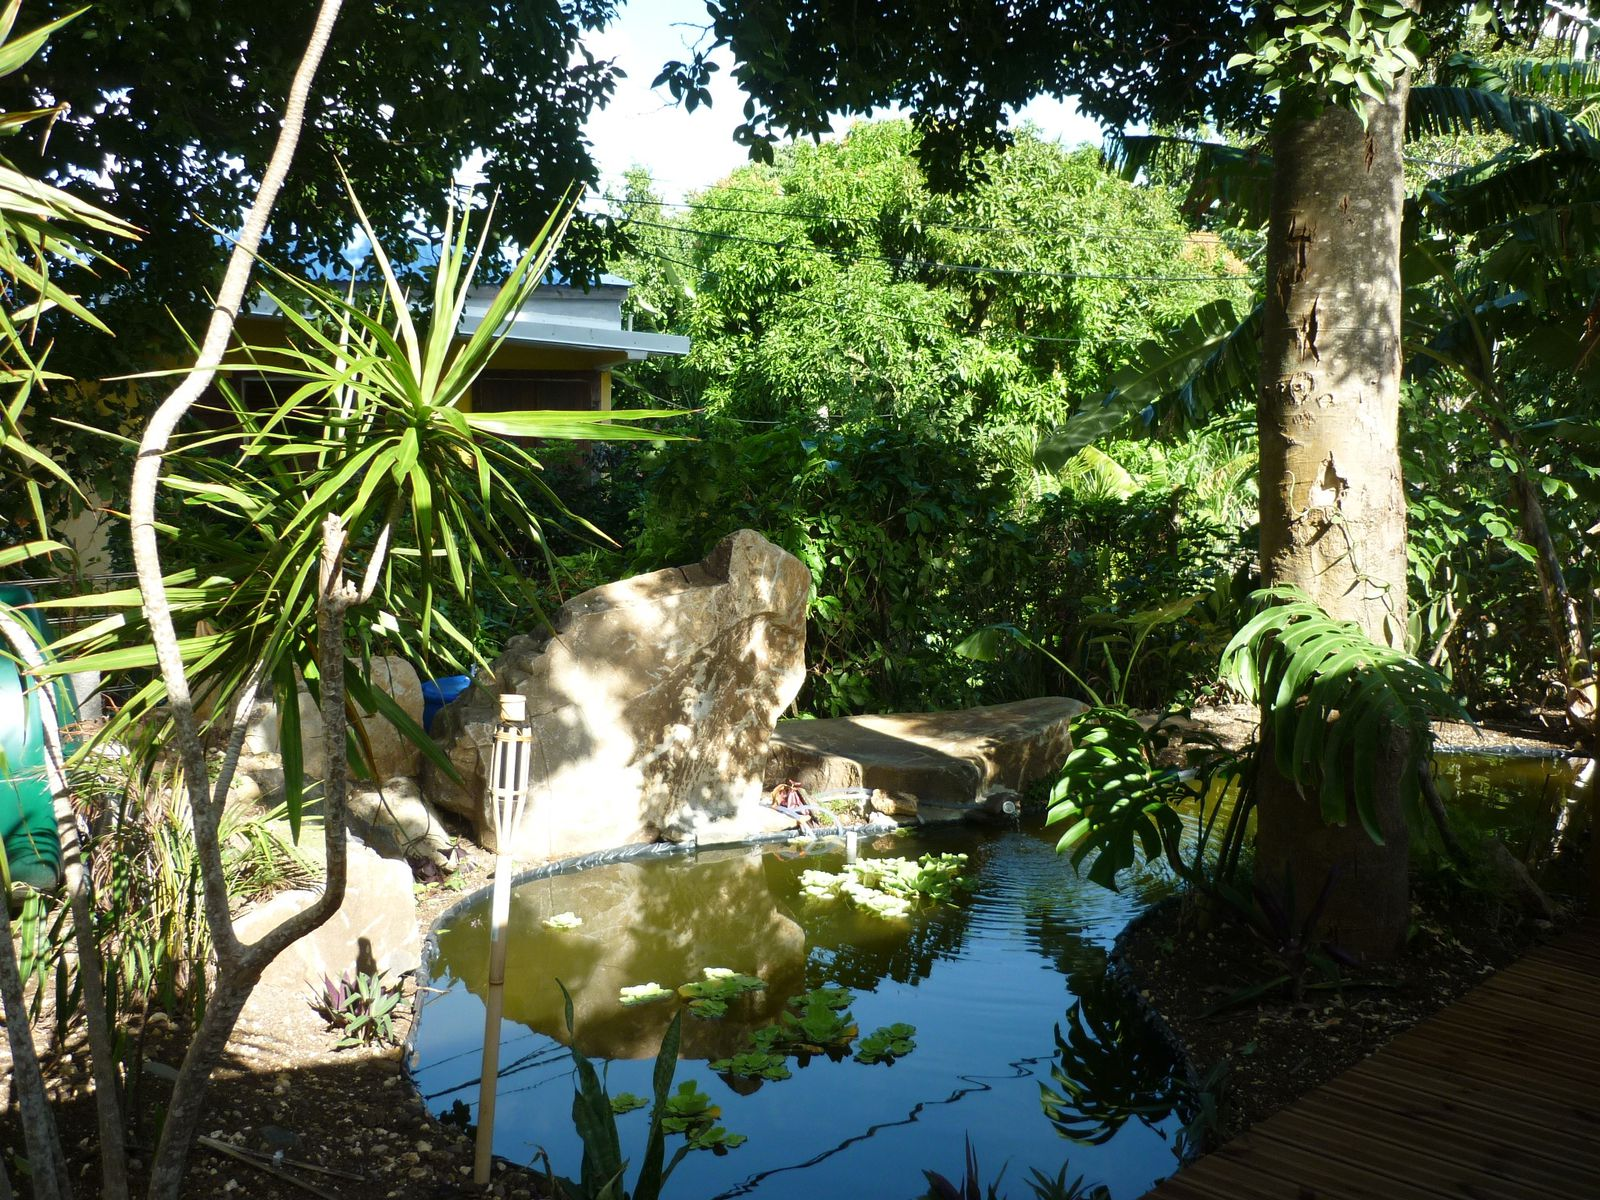 Bungalow Bois Cannelle : entr?e pour Bois cannelle avec le petit pont de bois et le bassin